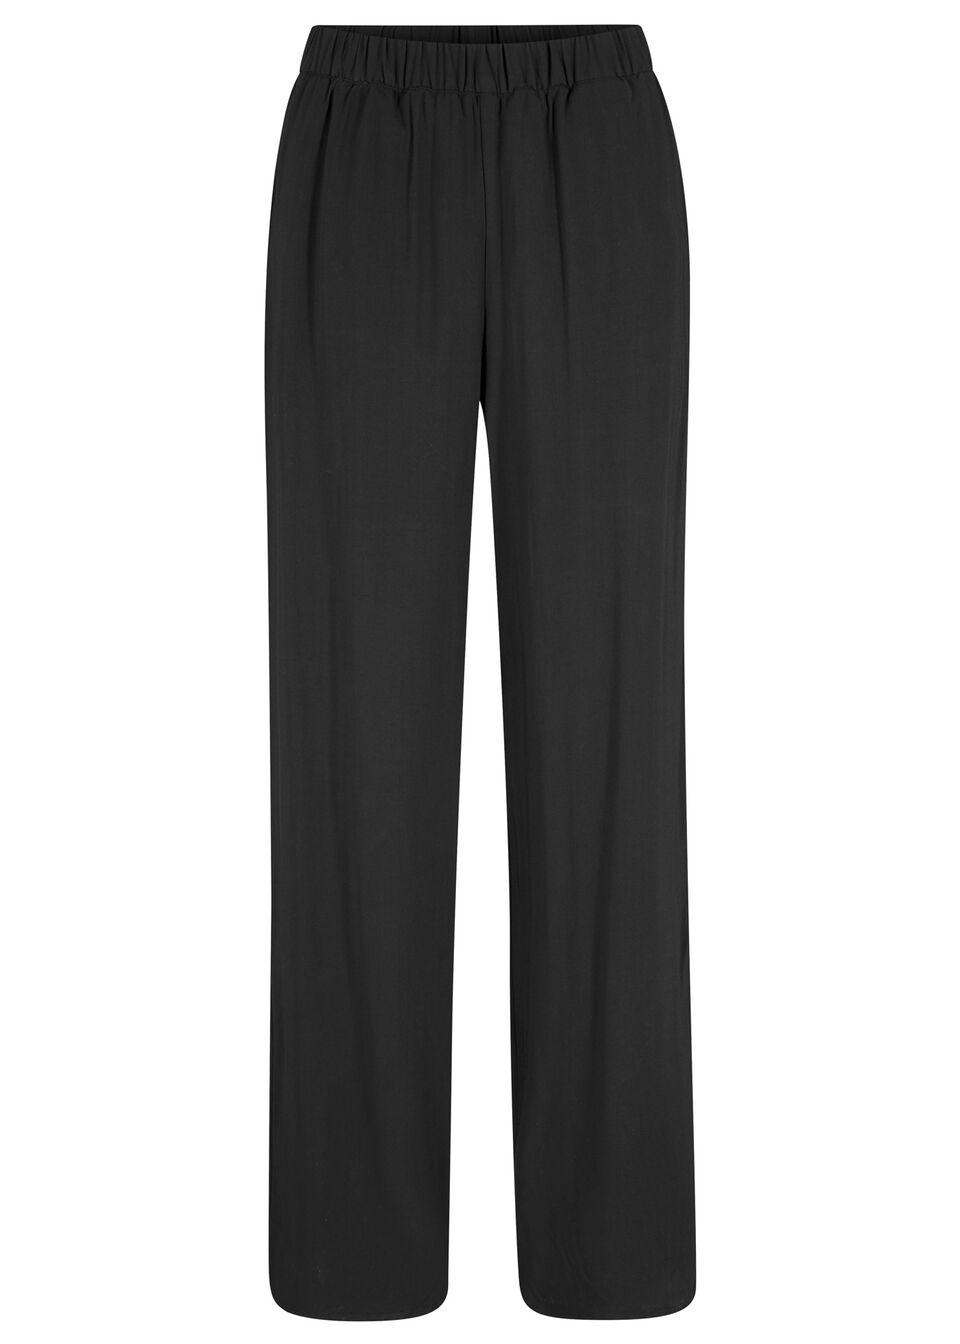 Spodnie z wiskozy w paski, z szerokimi nogawkami bonprix czarny